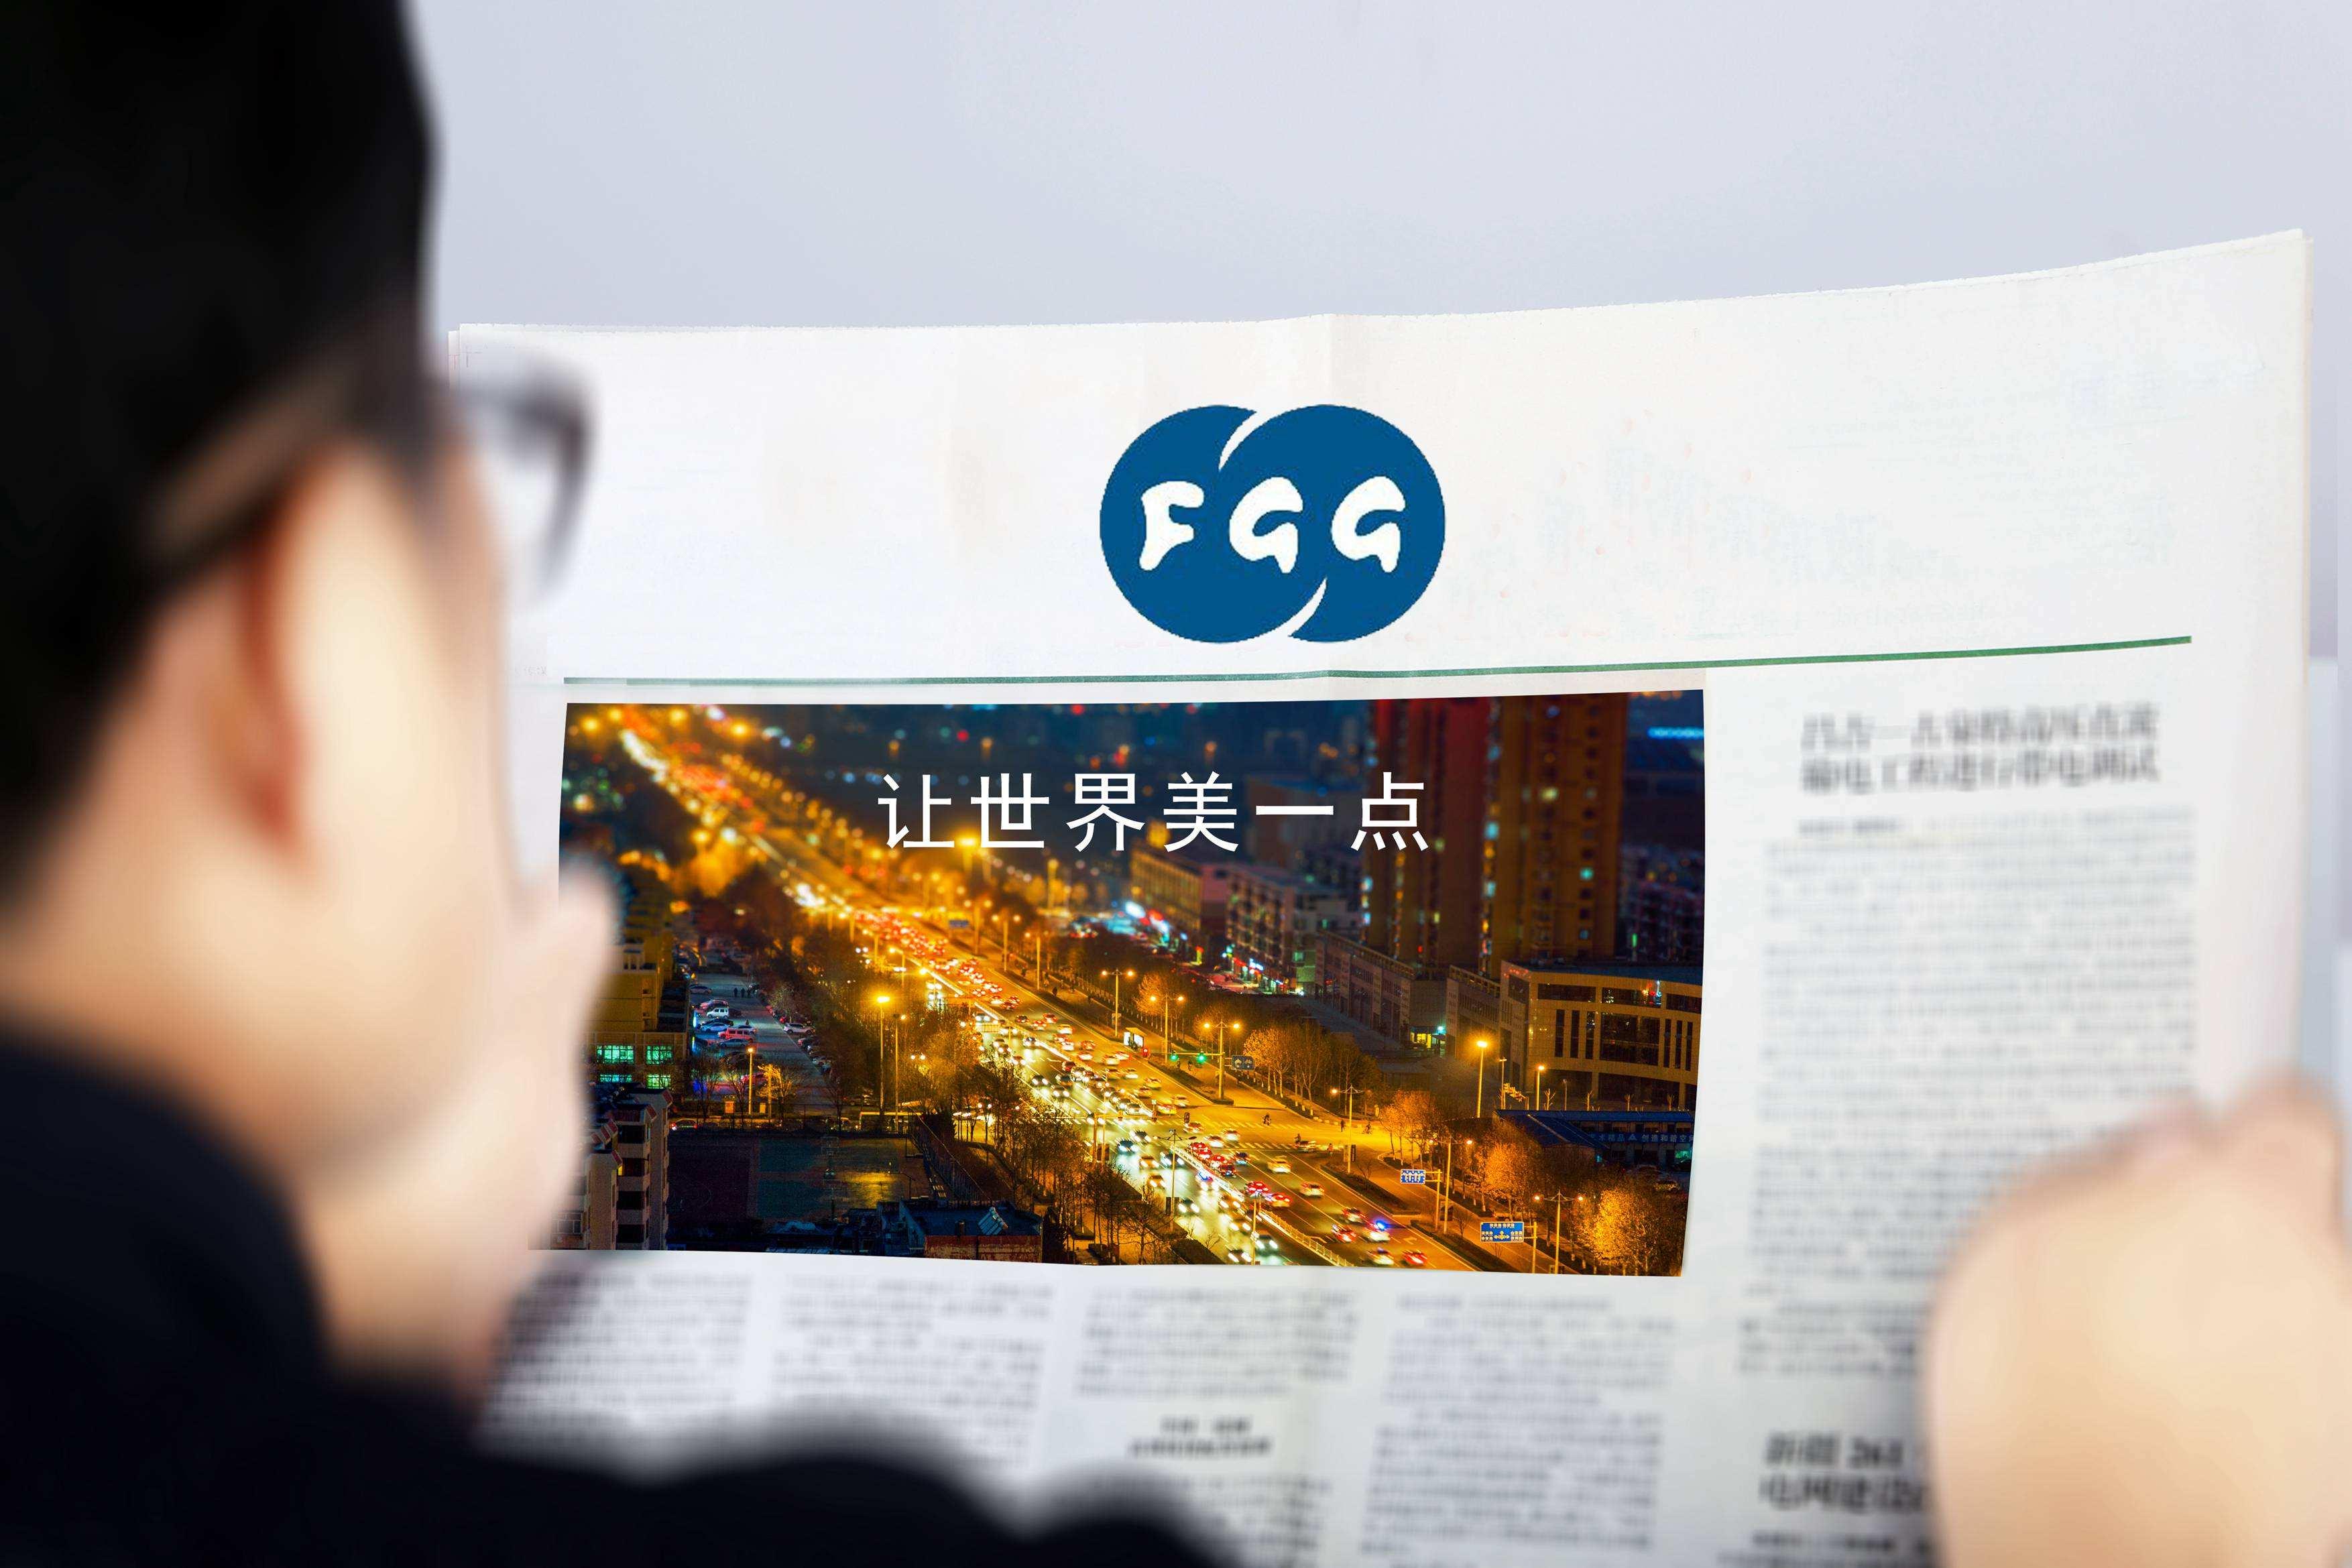 福莱特千亿国际9662019年收入48.06亿元,同比增长56.89%